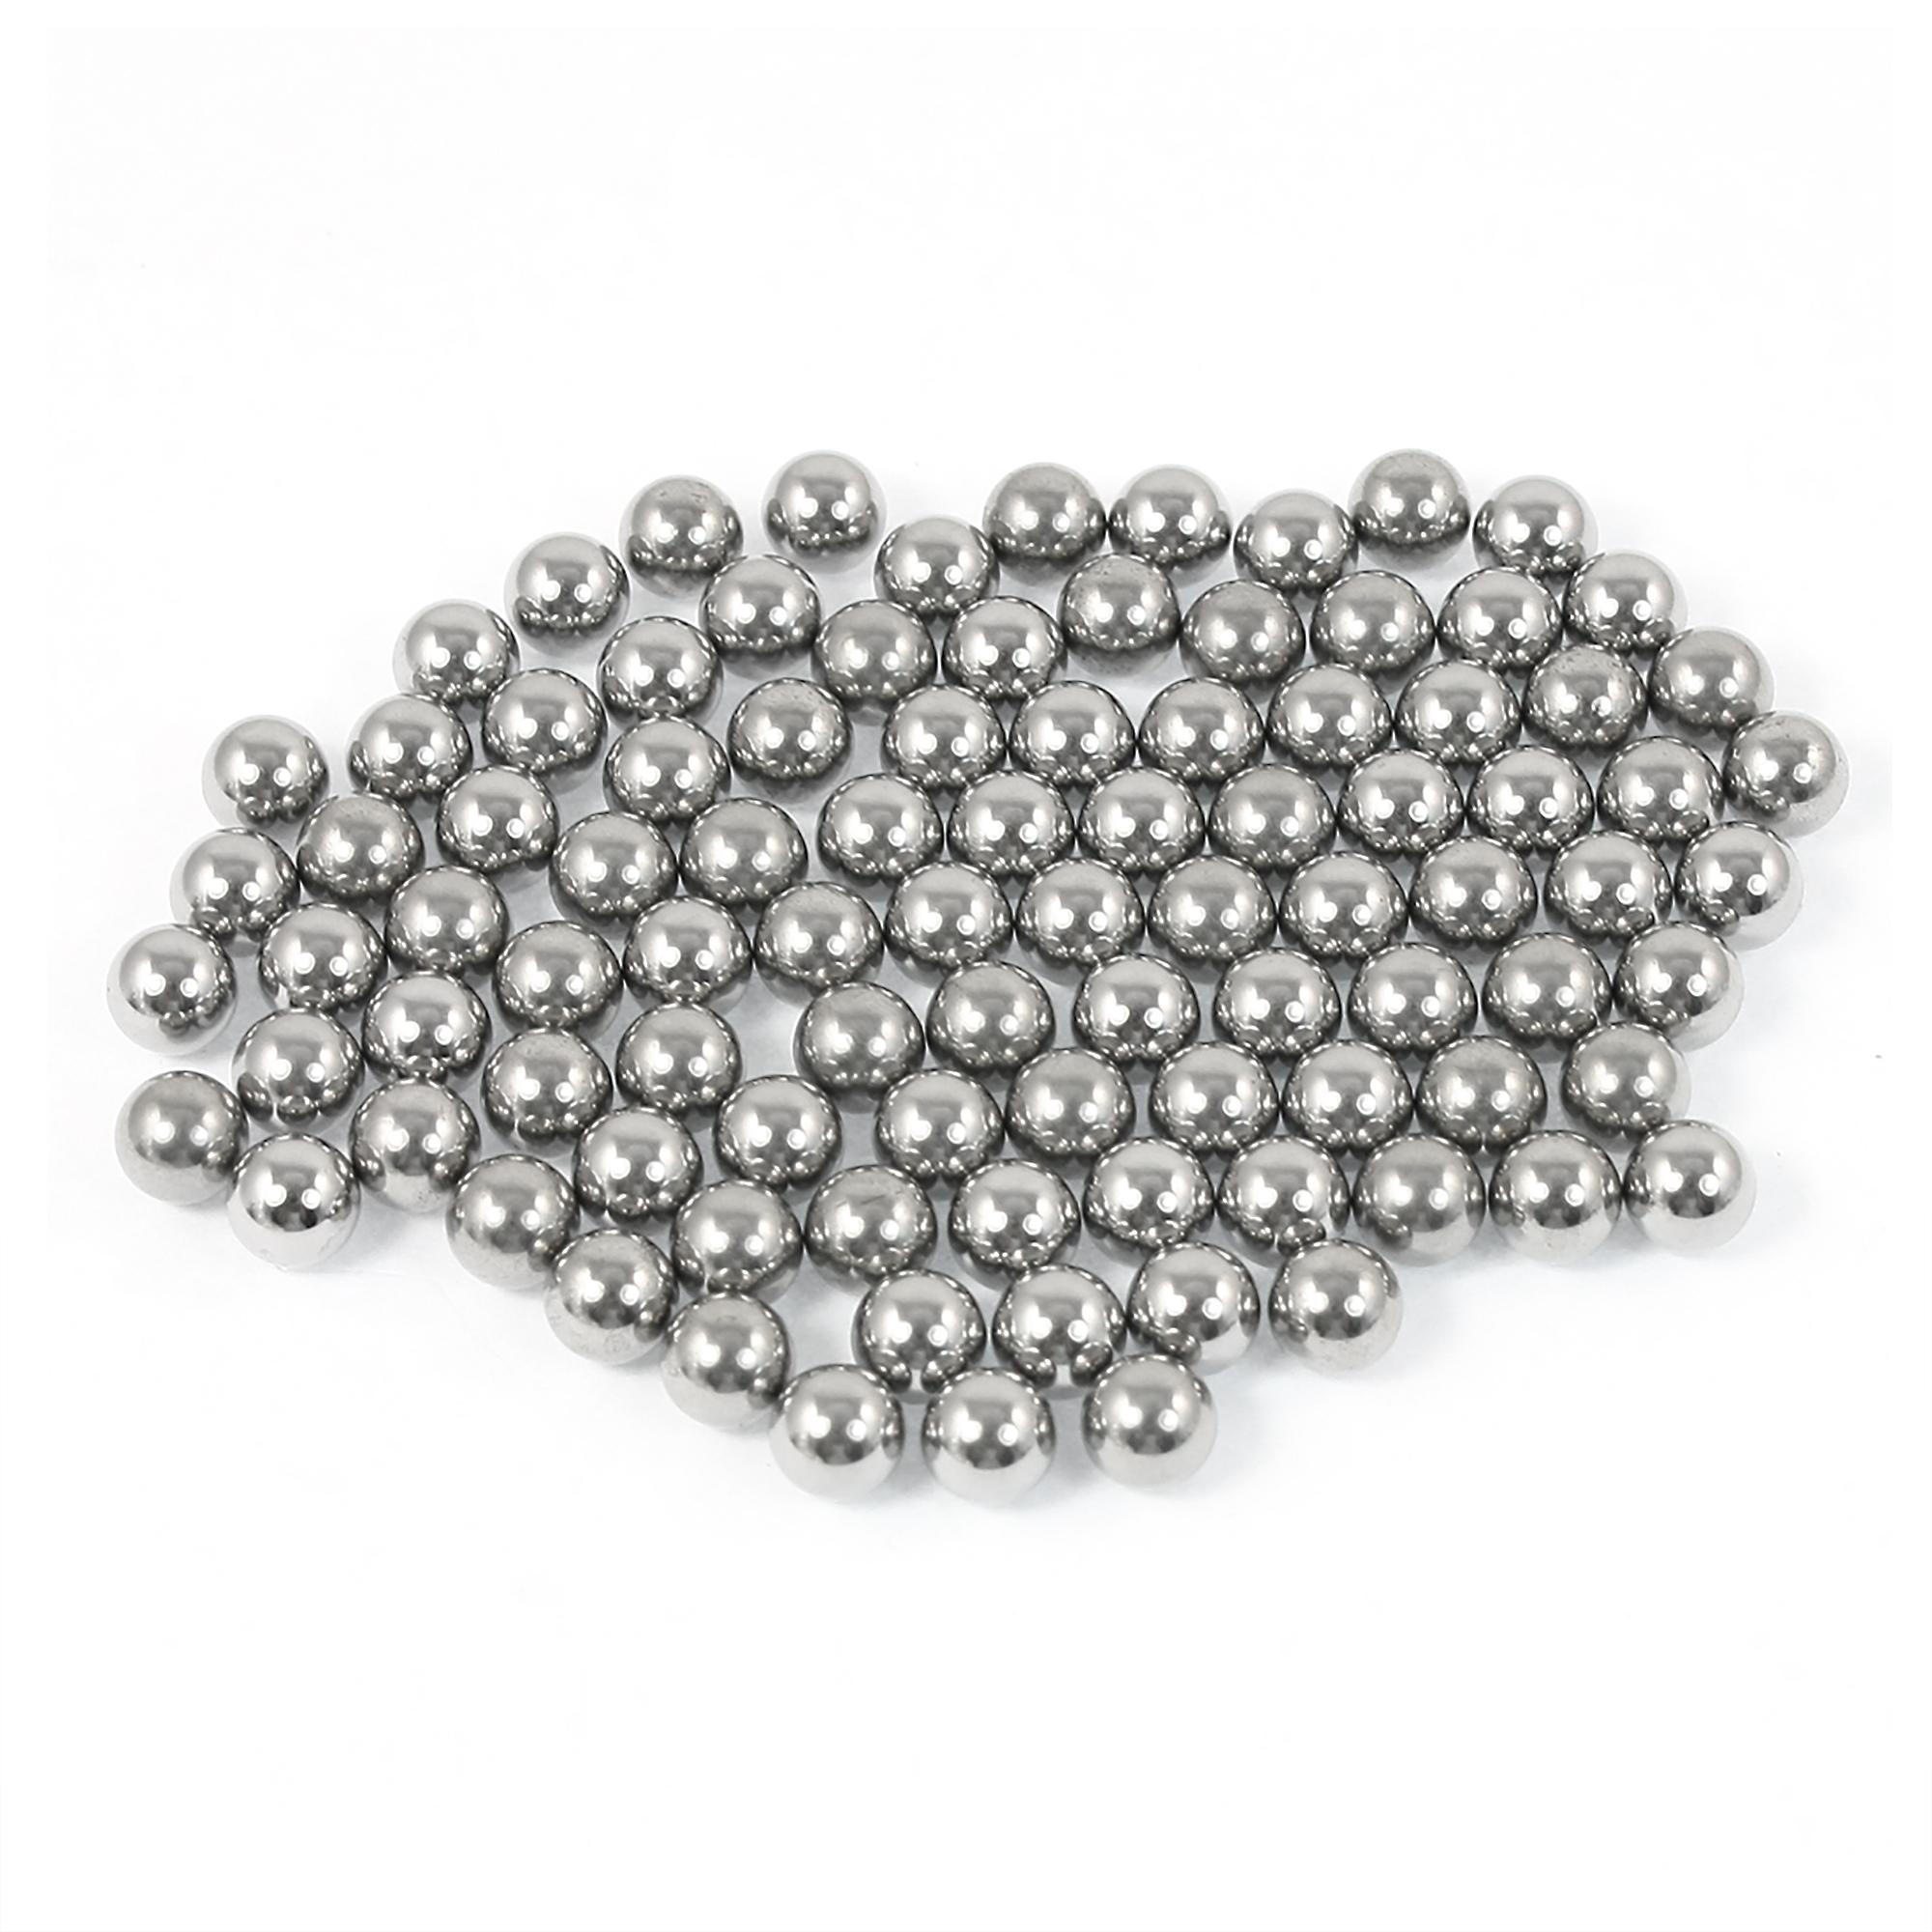 Bike Hub Wheel Bearing Steel Balls Repair Parts 6.35mm Diameter 90 Pcs